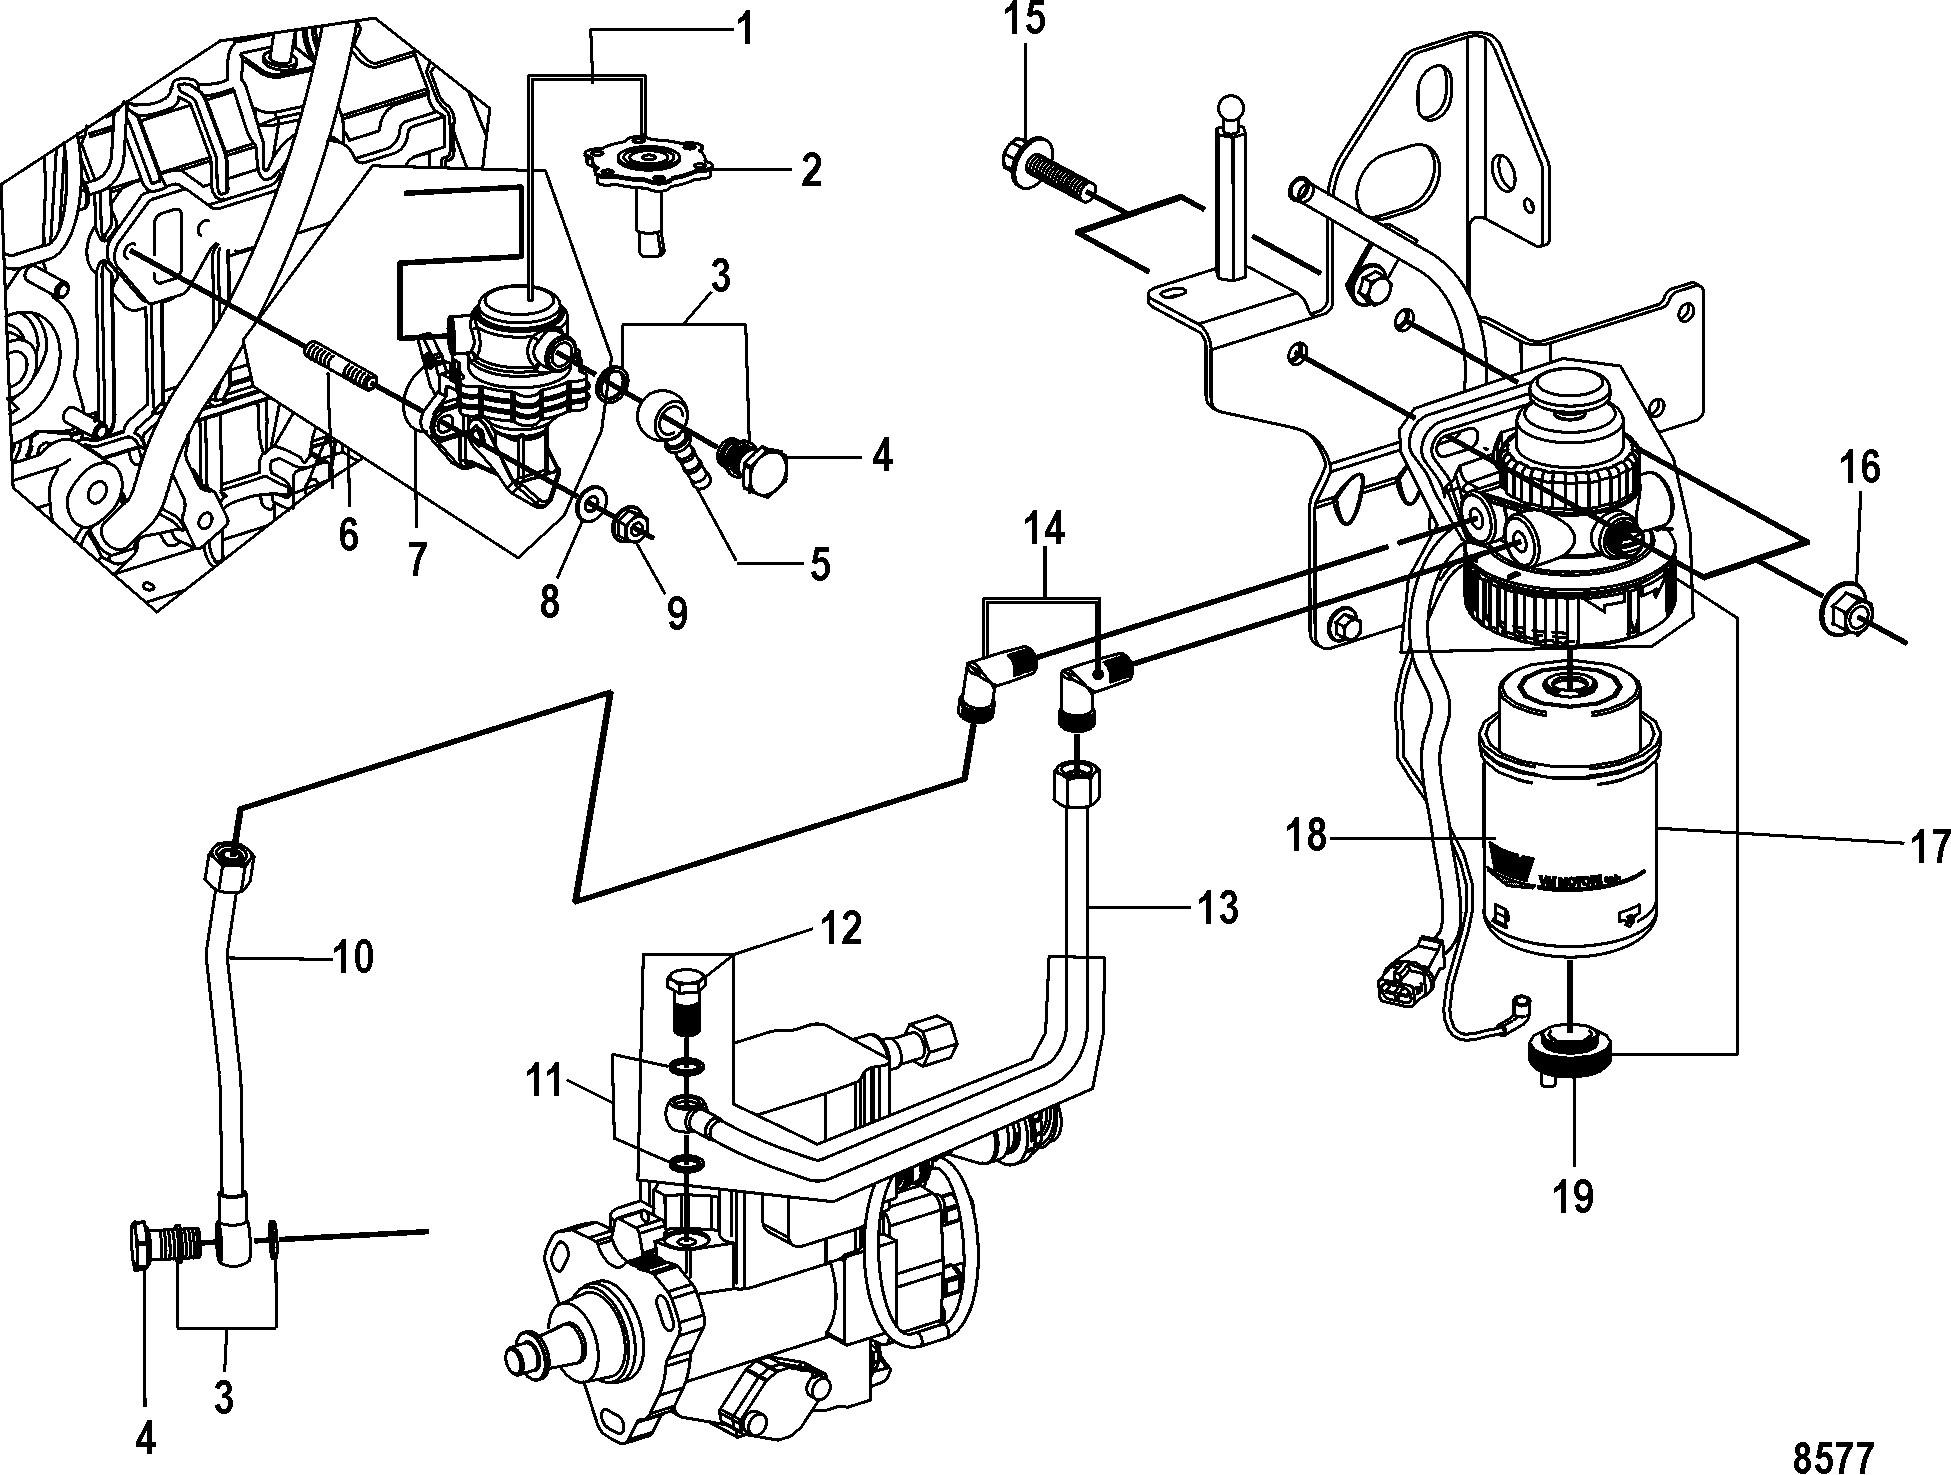 Mercruiser 470 Engine Diagram N N N N Mercruiser N N N N 3